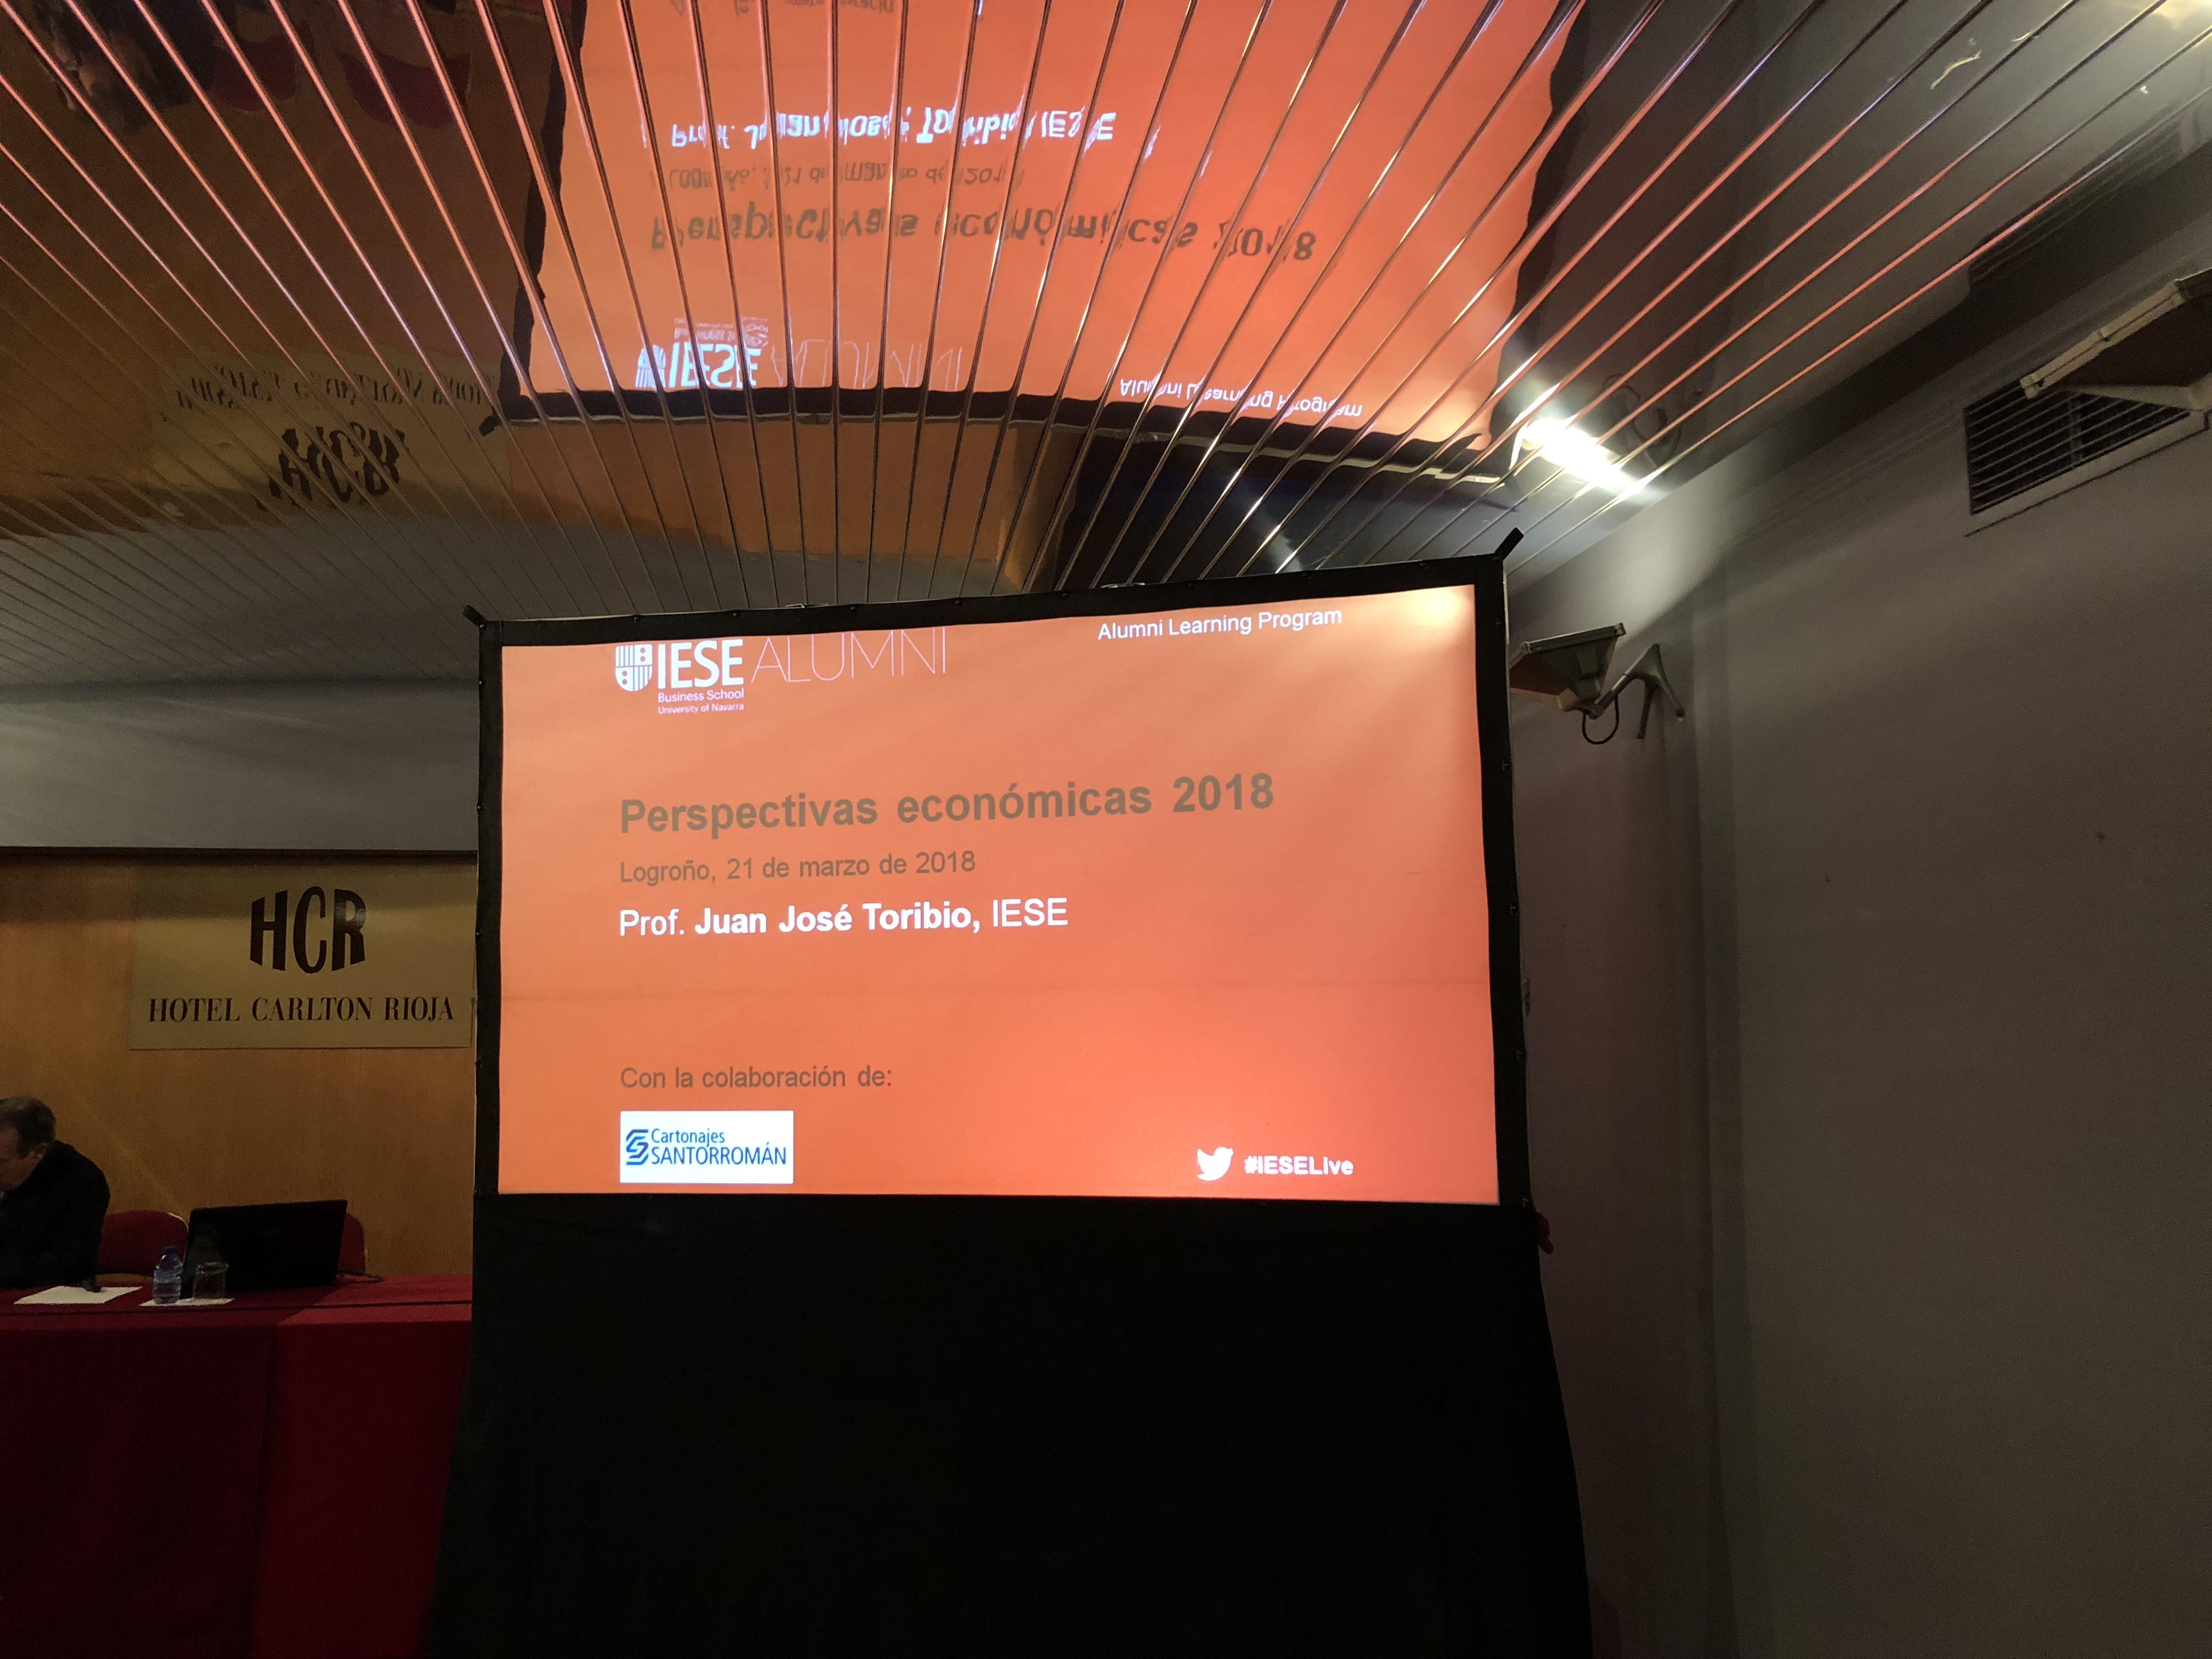 Cartonajes Santorromán patrocina el primer encuentro de IESE en La Rioja